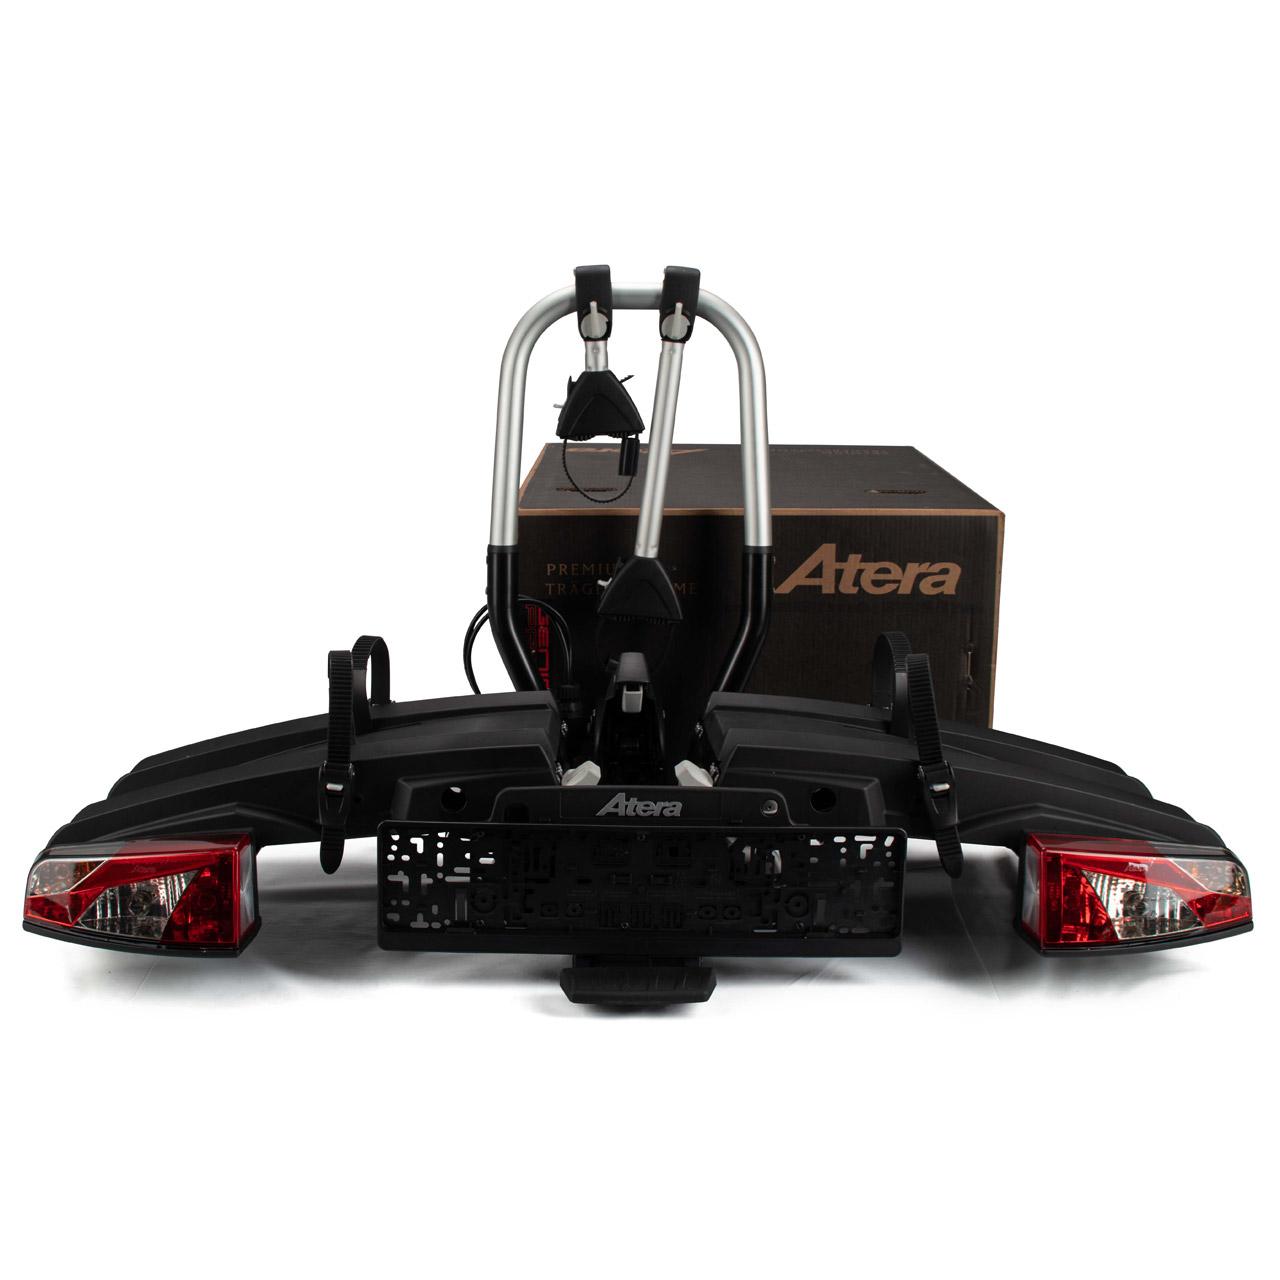 ATERA AHK GENIO PRO ADVANCED Fahrradträger Heckträger Kupplungsträger 2 Räder